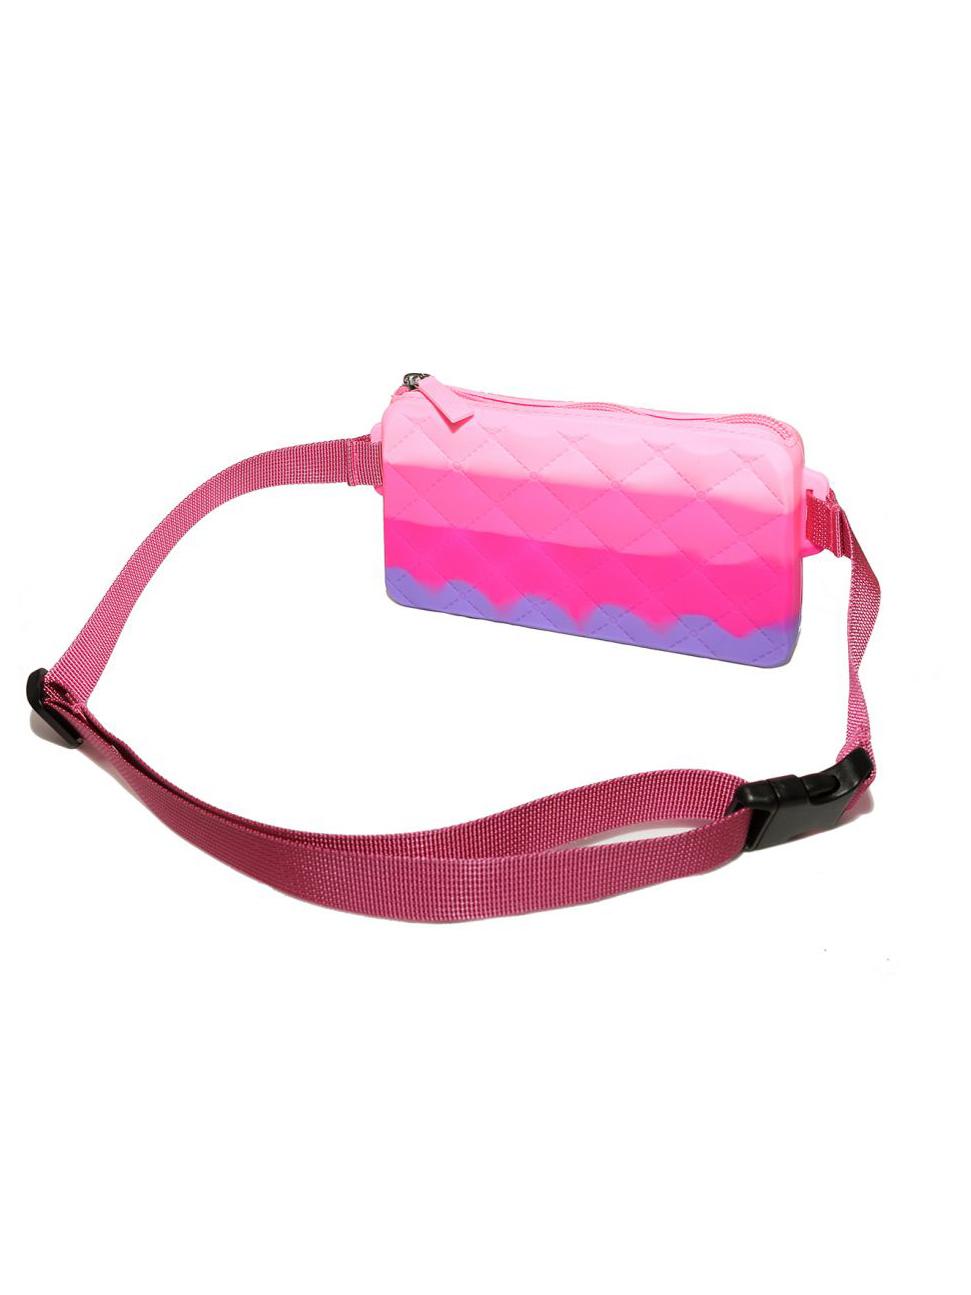 Купить Сумка детская Gummy Bags с ремнем на пояс, цв. Berry,